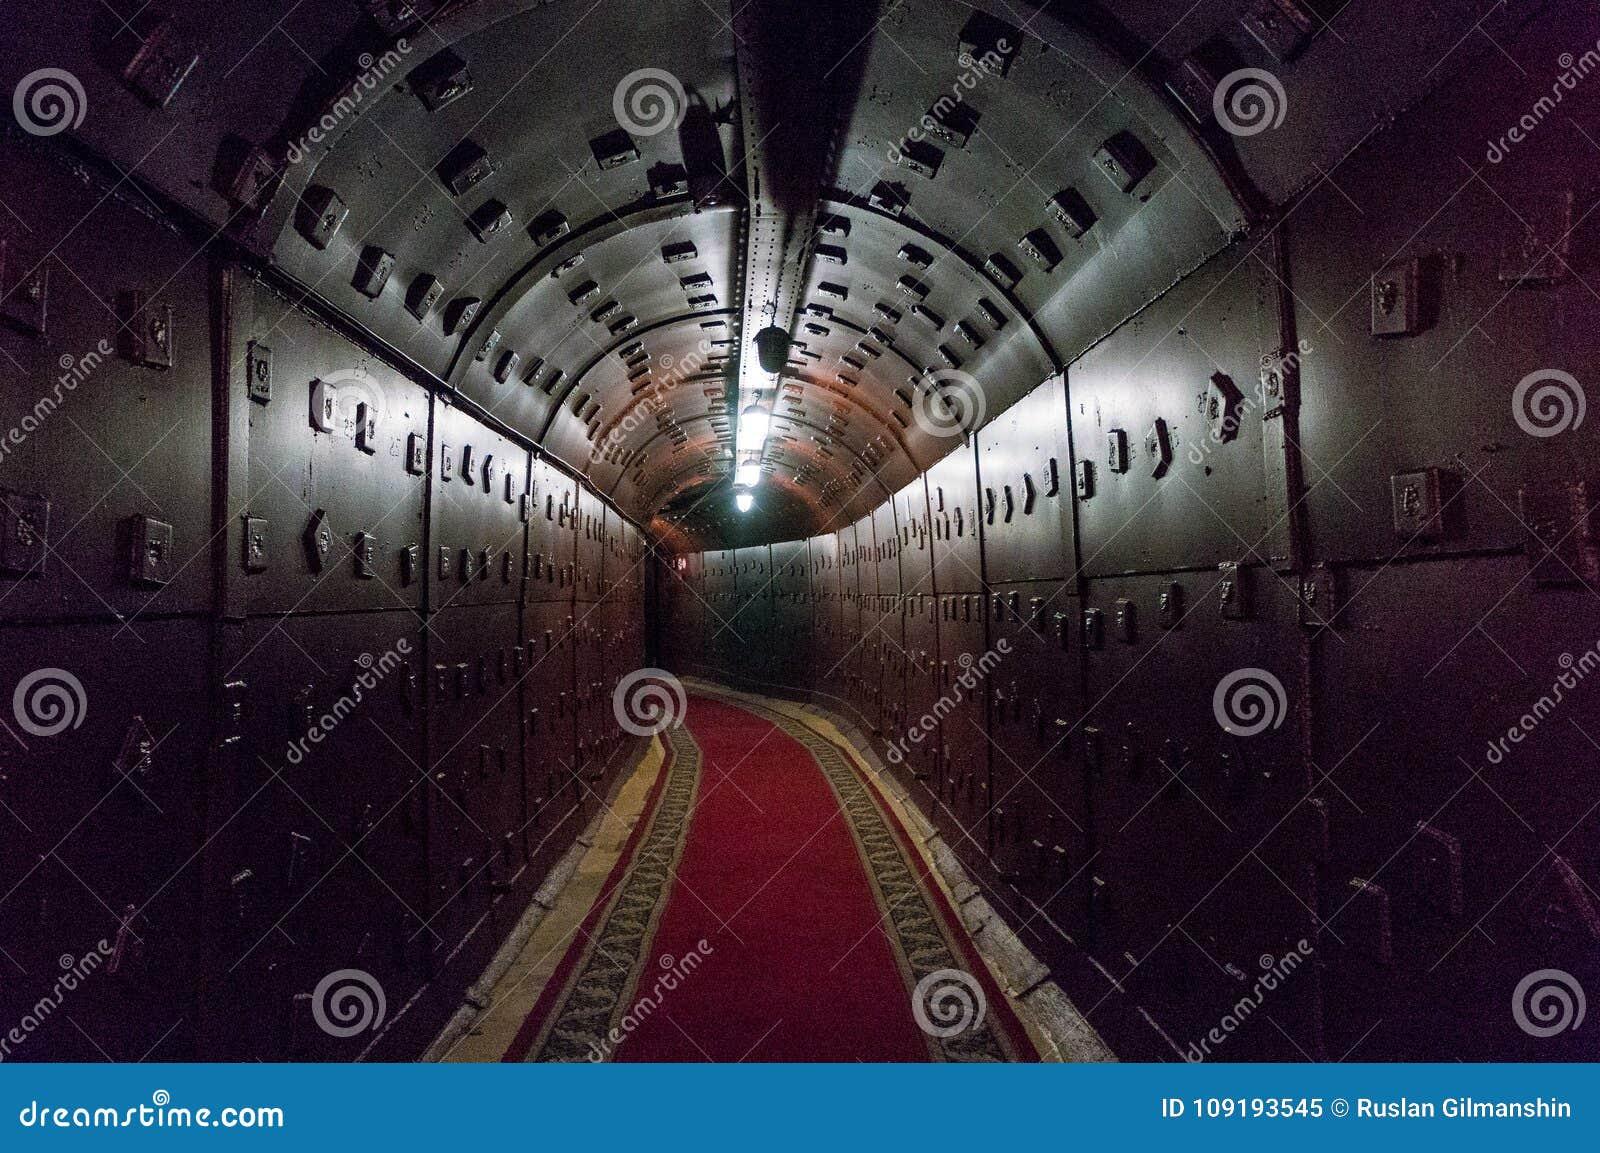 Moskau, Russland - 25. Oktober 2017: Legen Sie an Bunker-42, die Anti-Atom Untertageanlage einen tunnel an, die im Jahre 1956 als